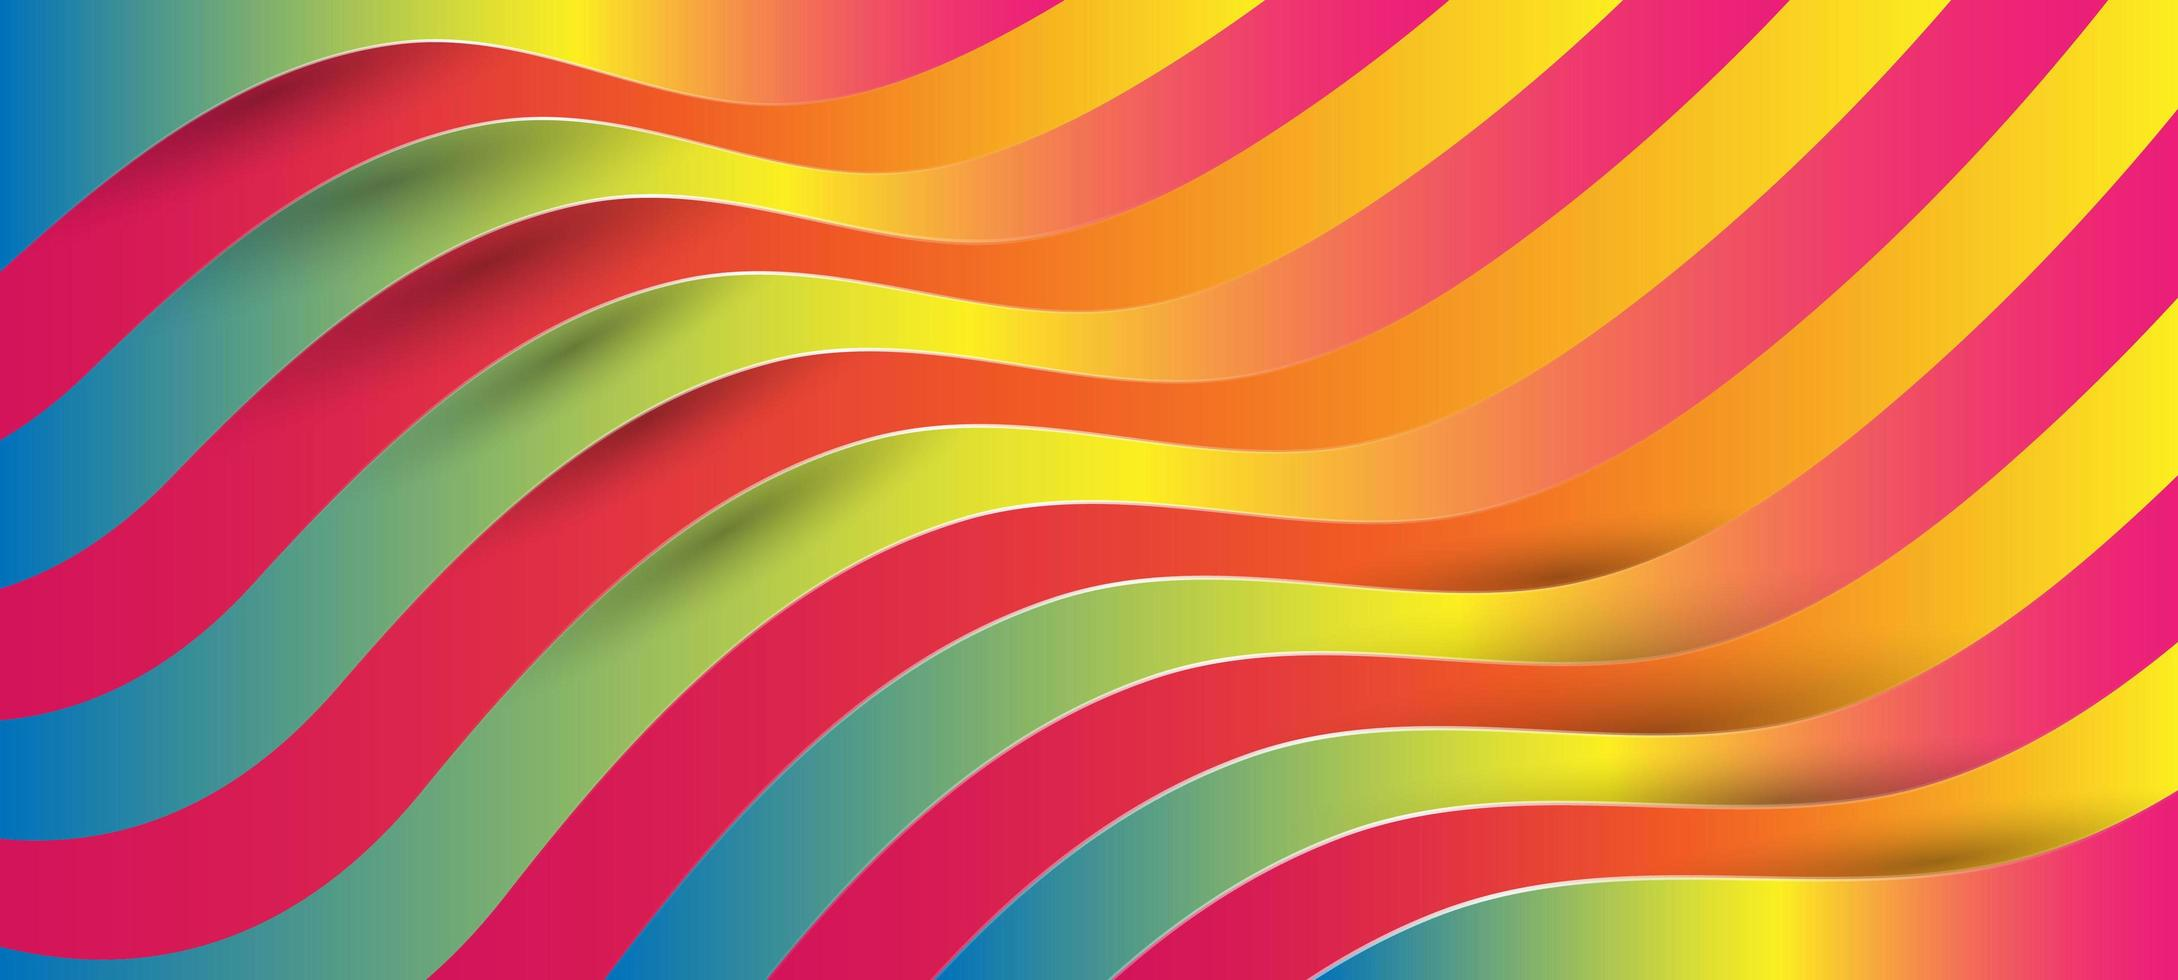 färgglada vågiga mönster med kontur och skugga vektor